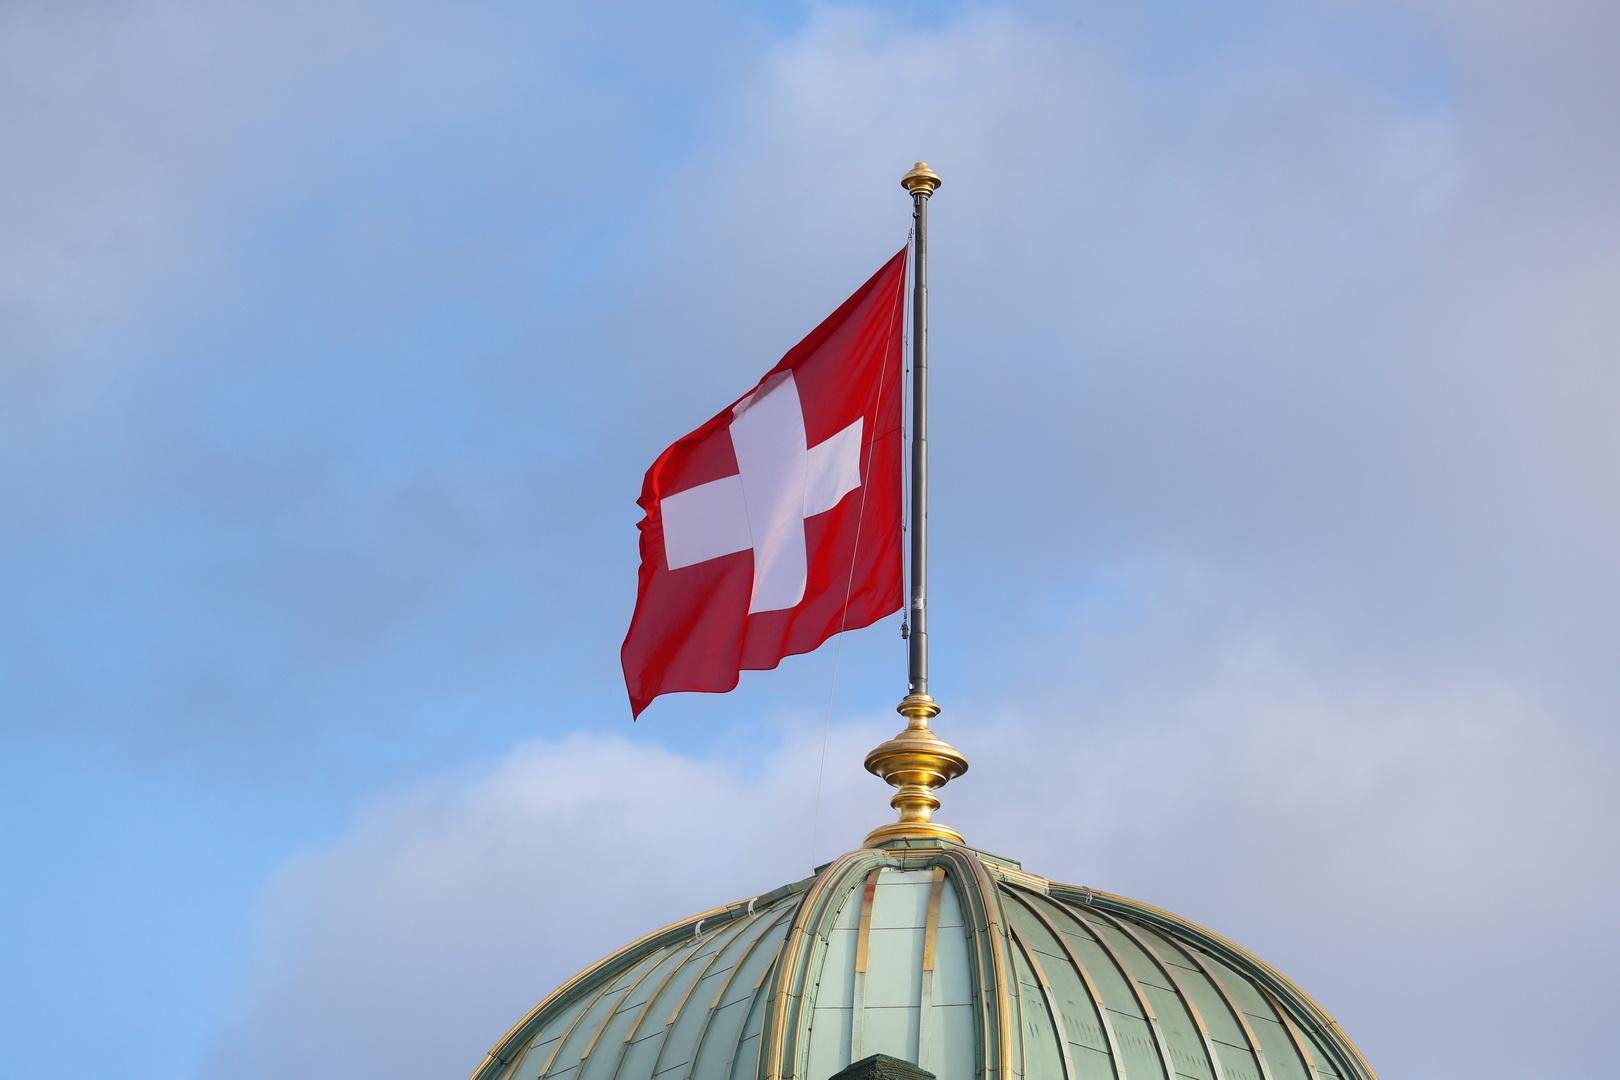 سويسرا تؤكد طلبها مساعدة لبنان للتحقيق في غسل أموال محتمل مرتبط بالبنك المركزي